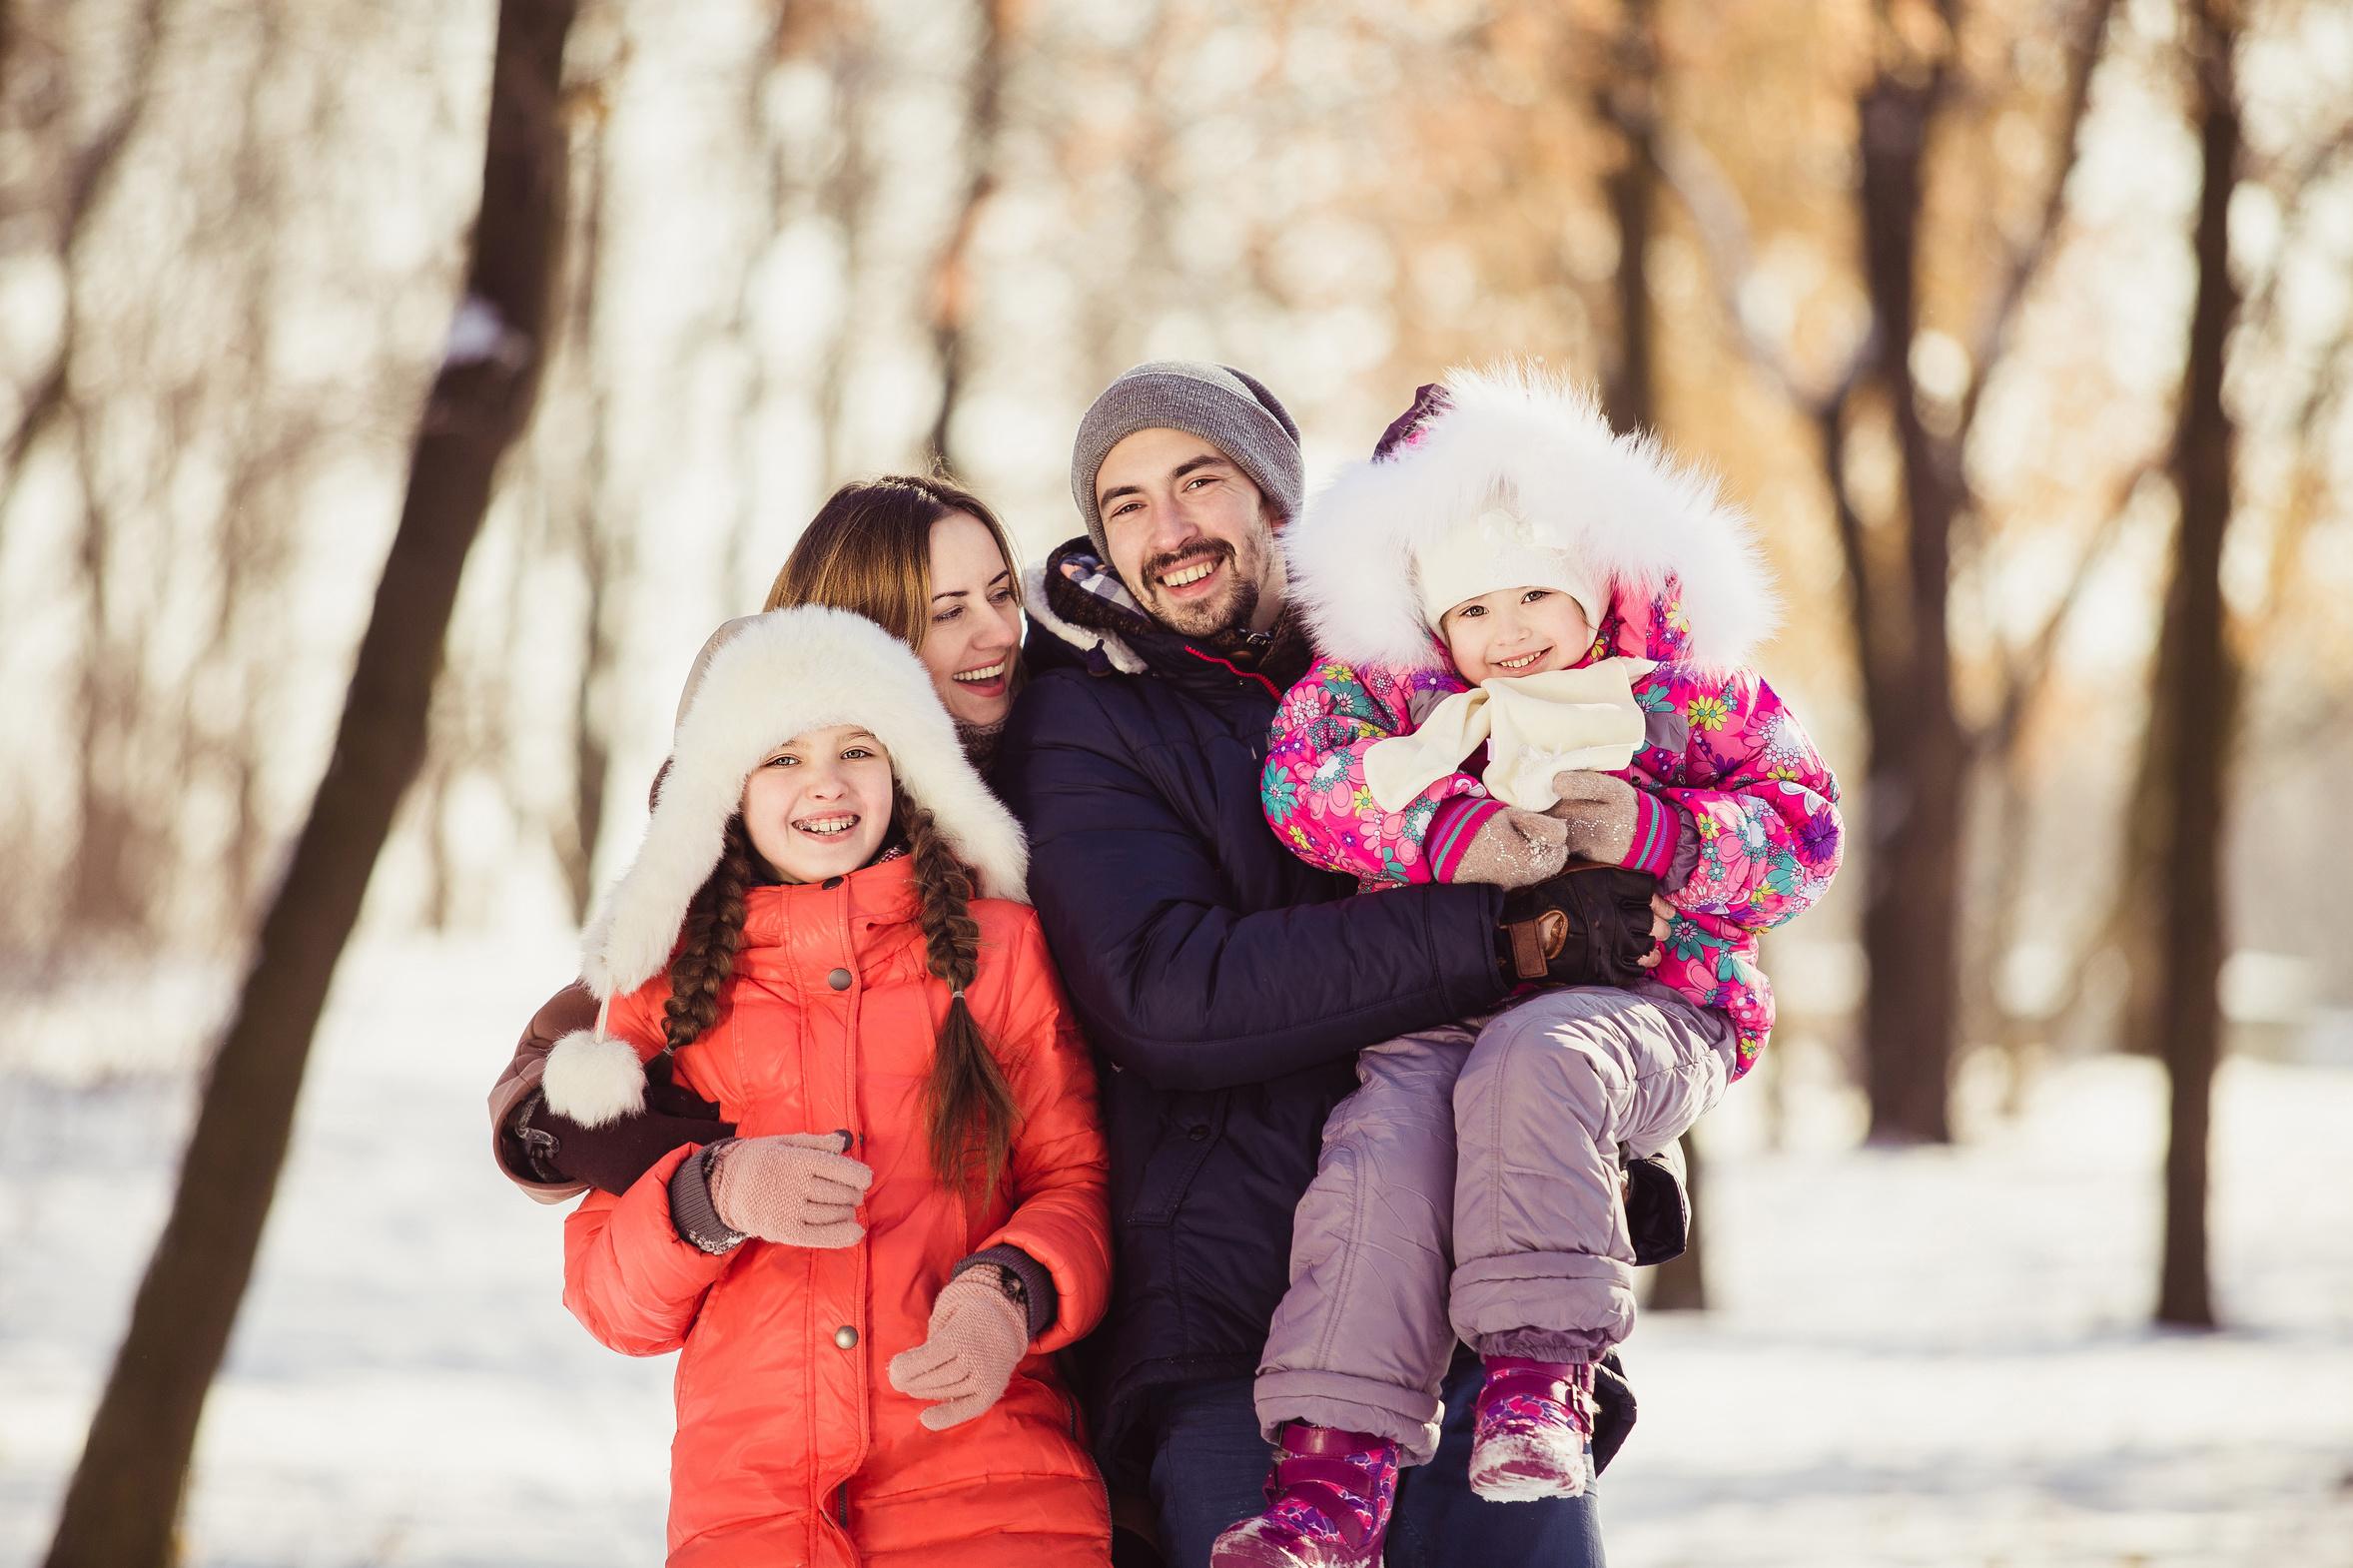 Familie winter original 294561